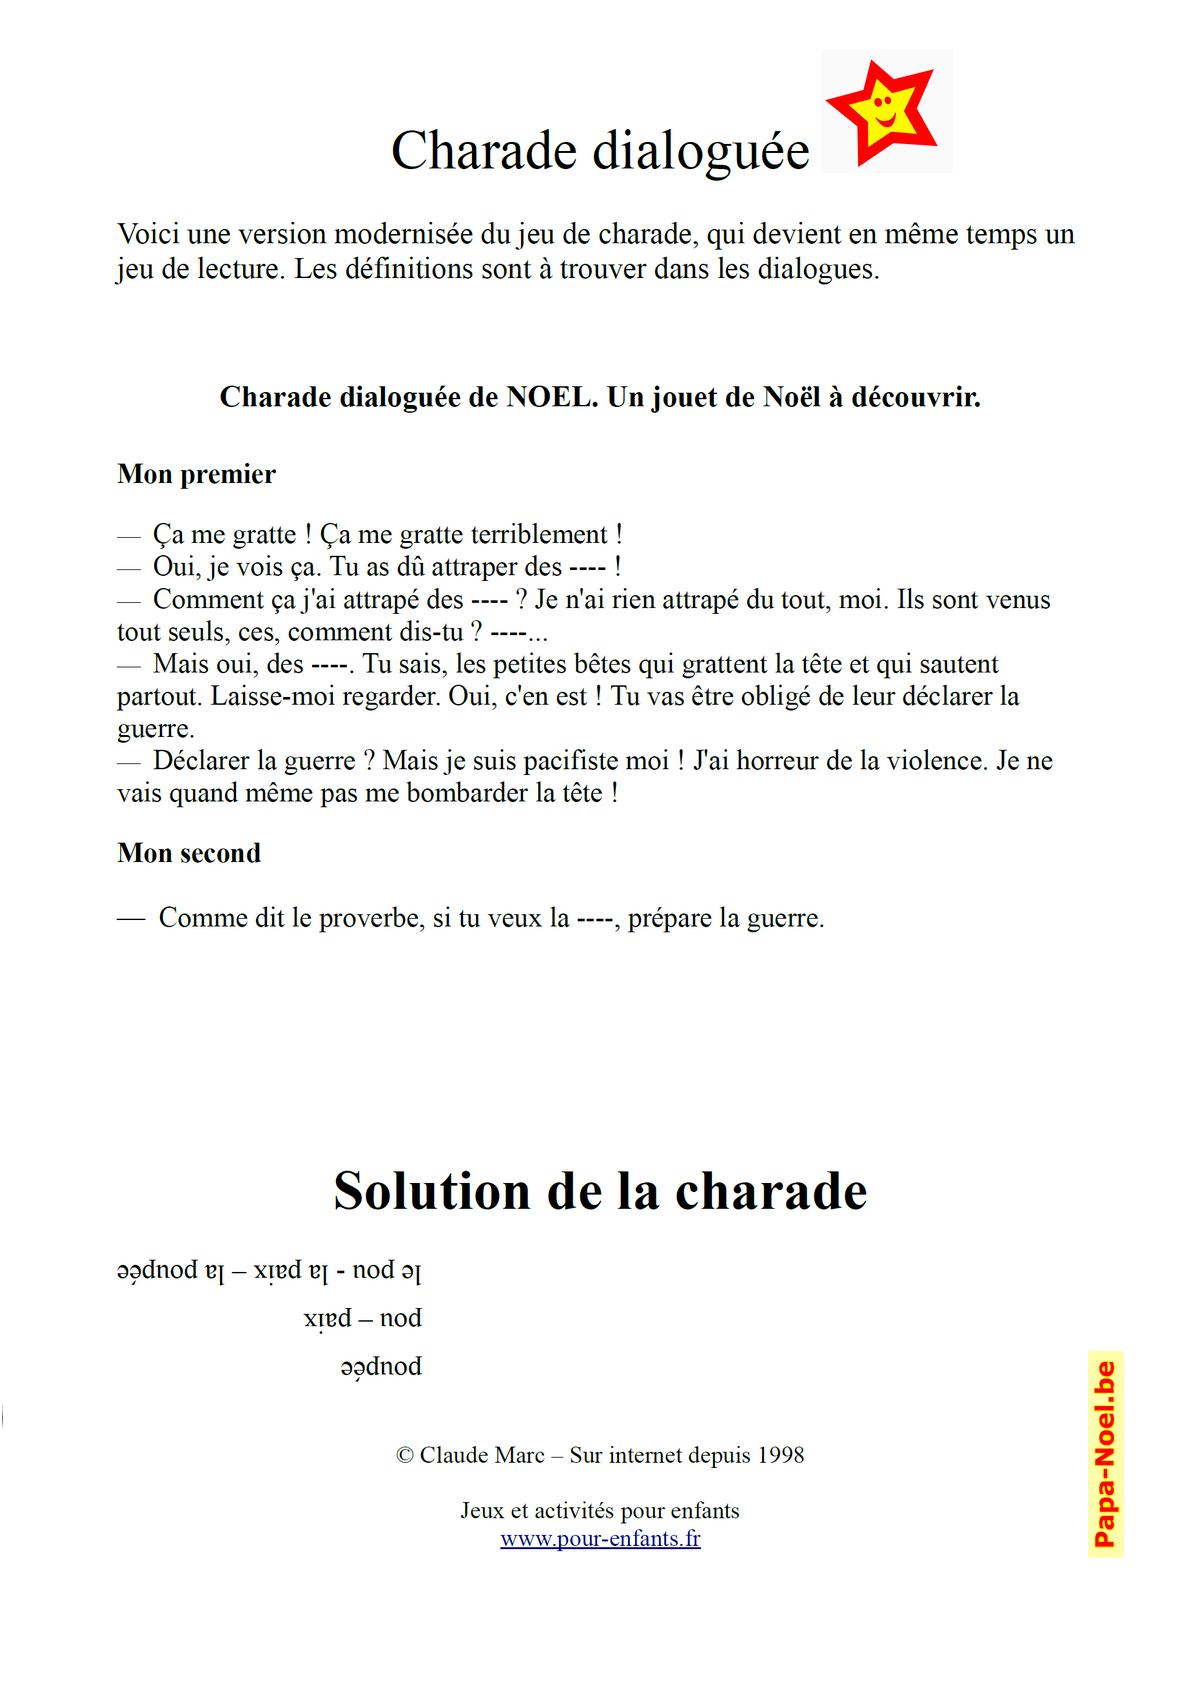 Charades De Noel Archives - Charades, Jeux, Blagues à Rebus A Imprimer Gratuitement